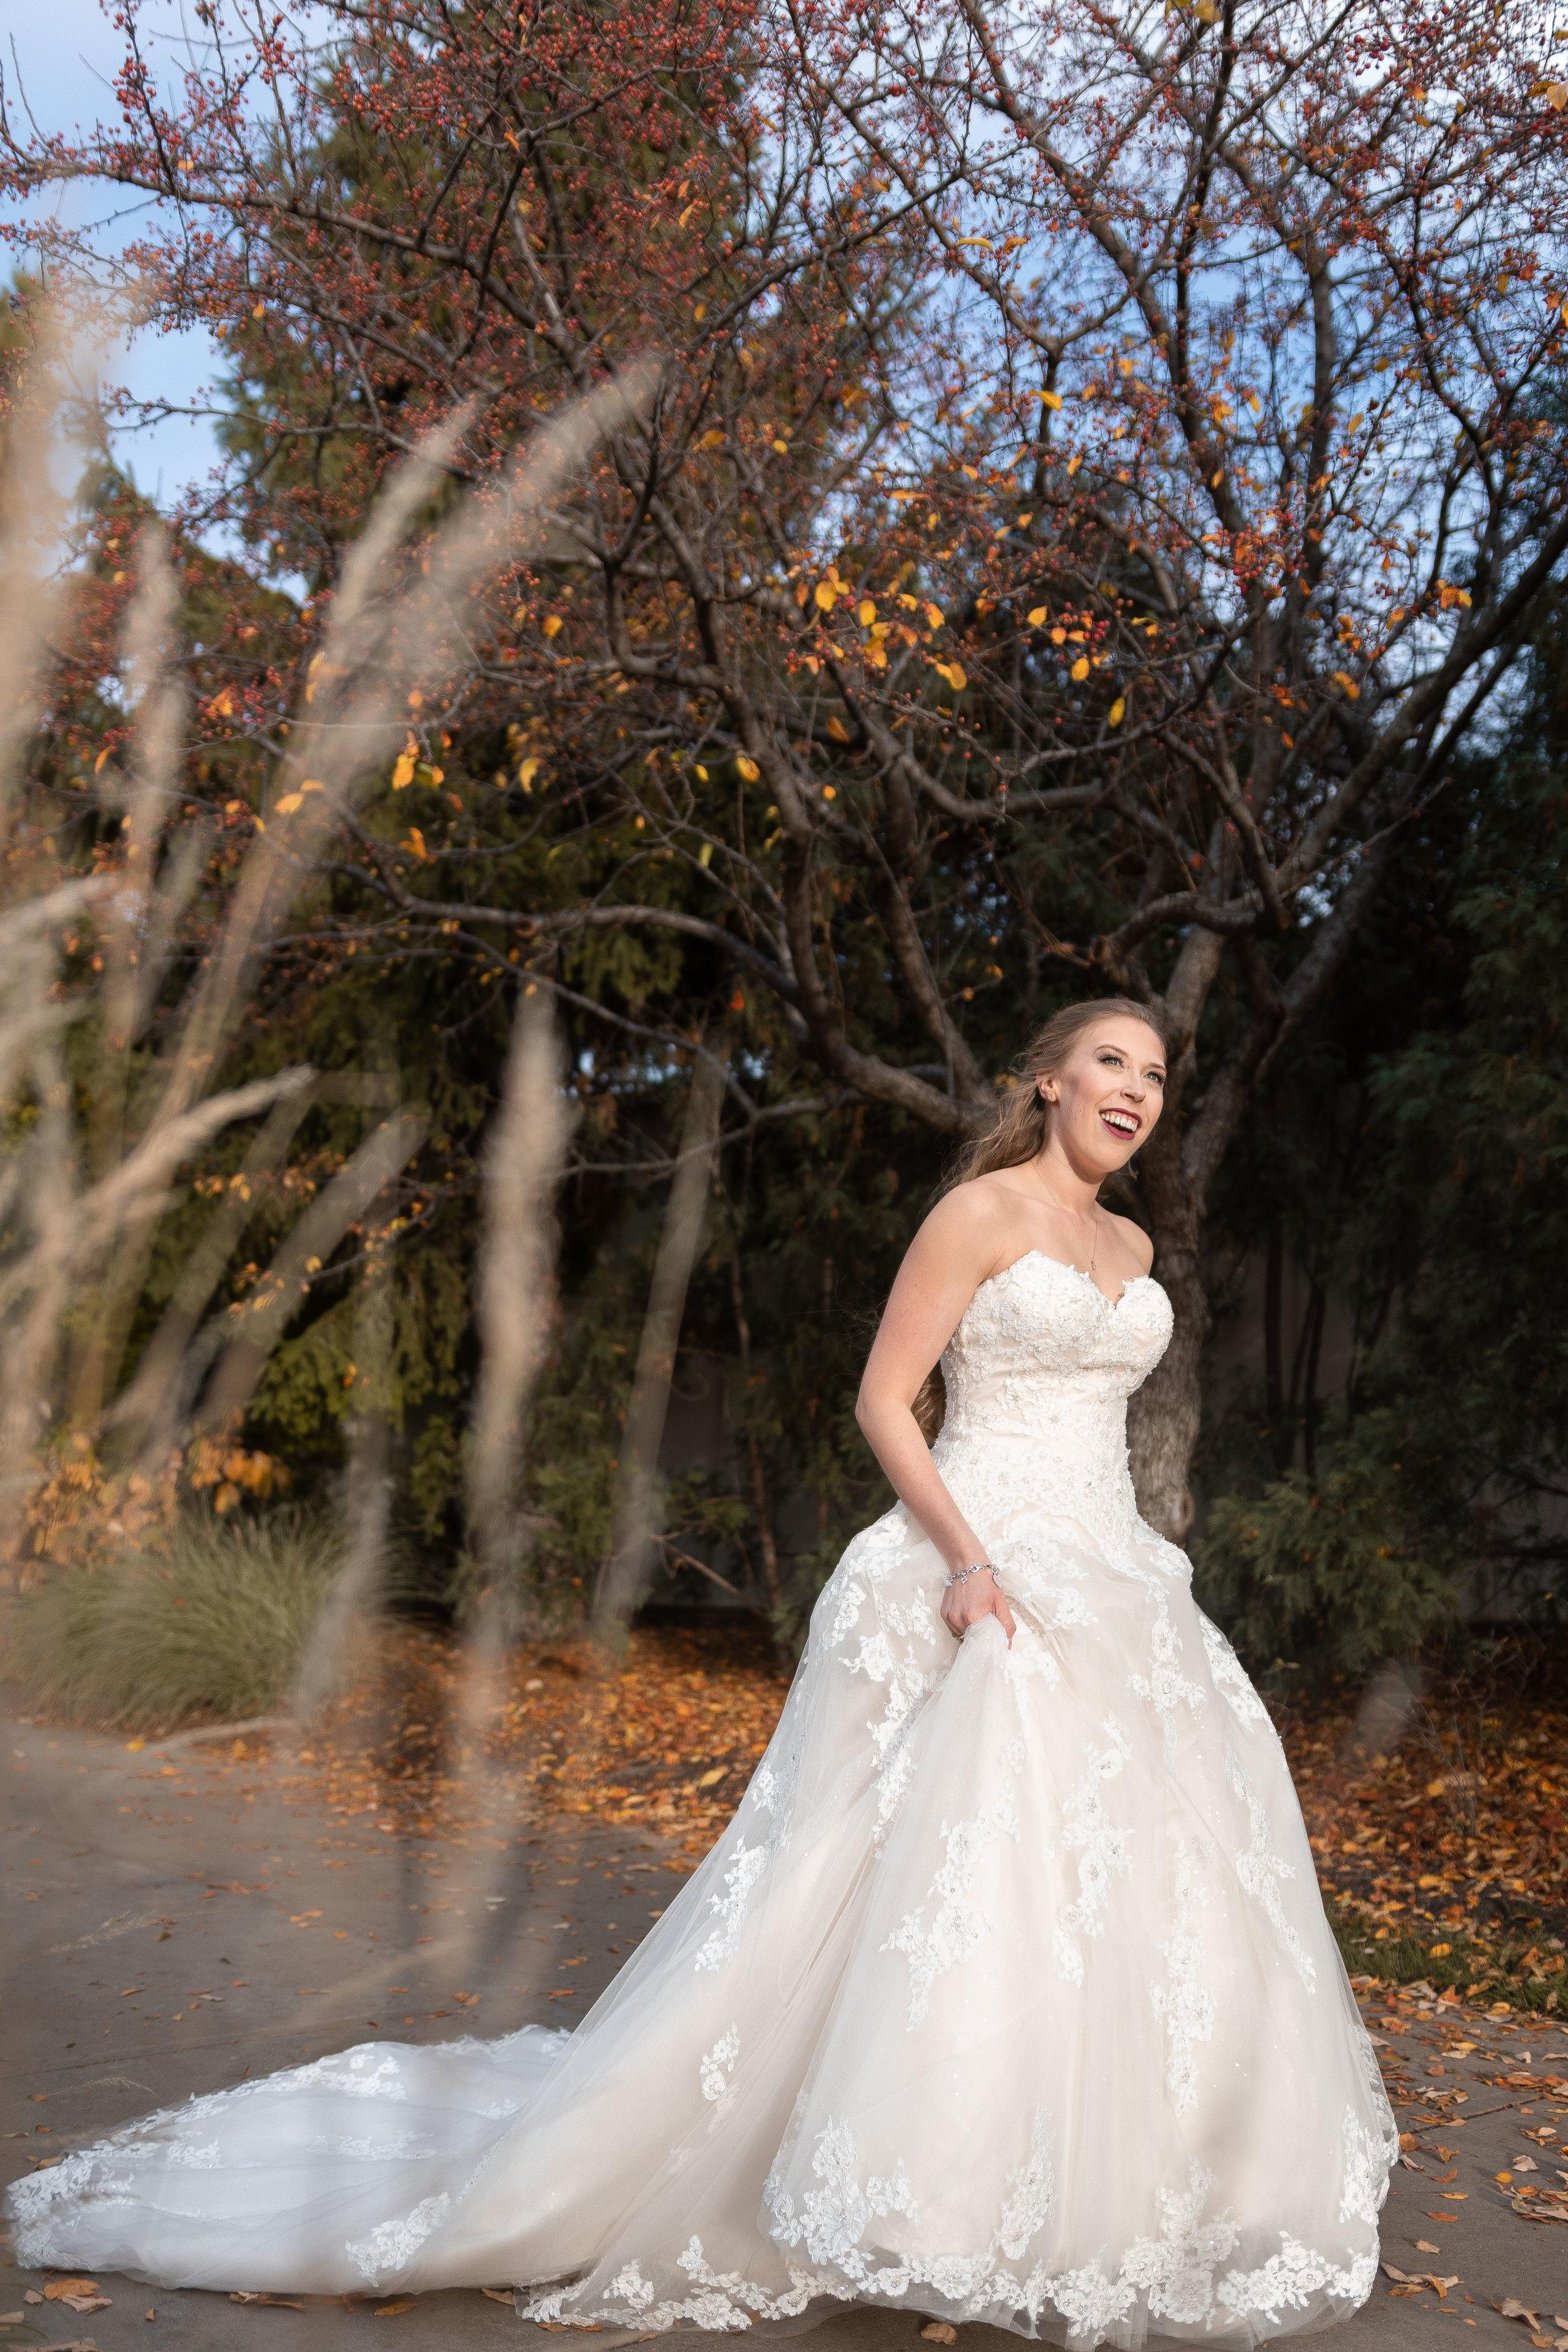 C_Wedding_Spellman, Megan & Tyler_10.27.18-2704.JPG